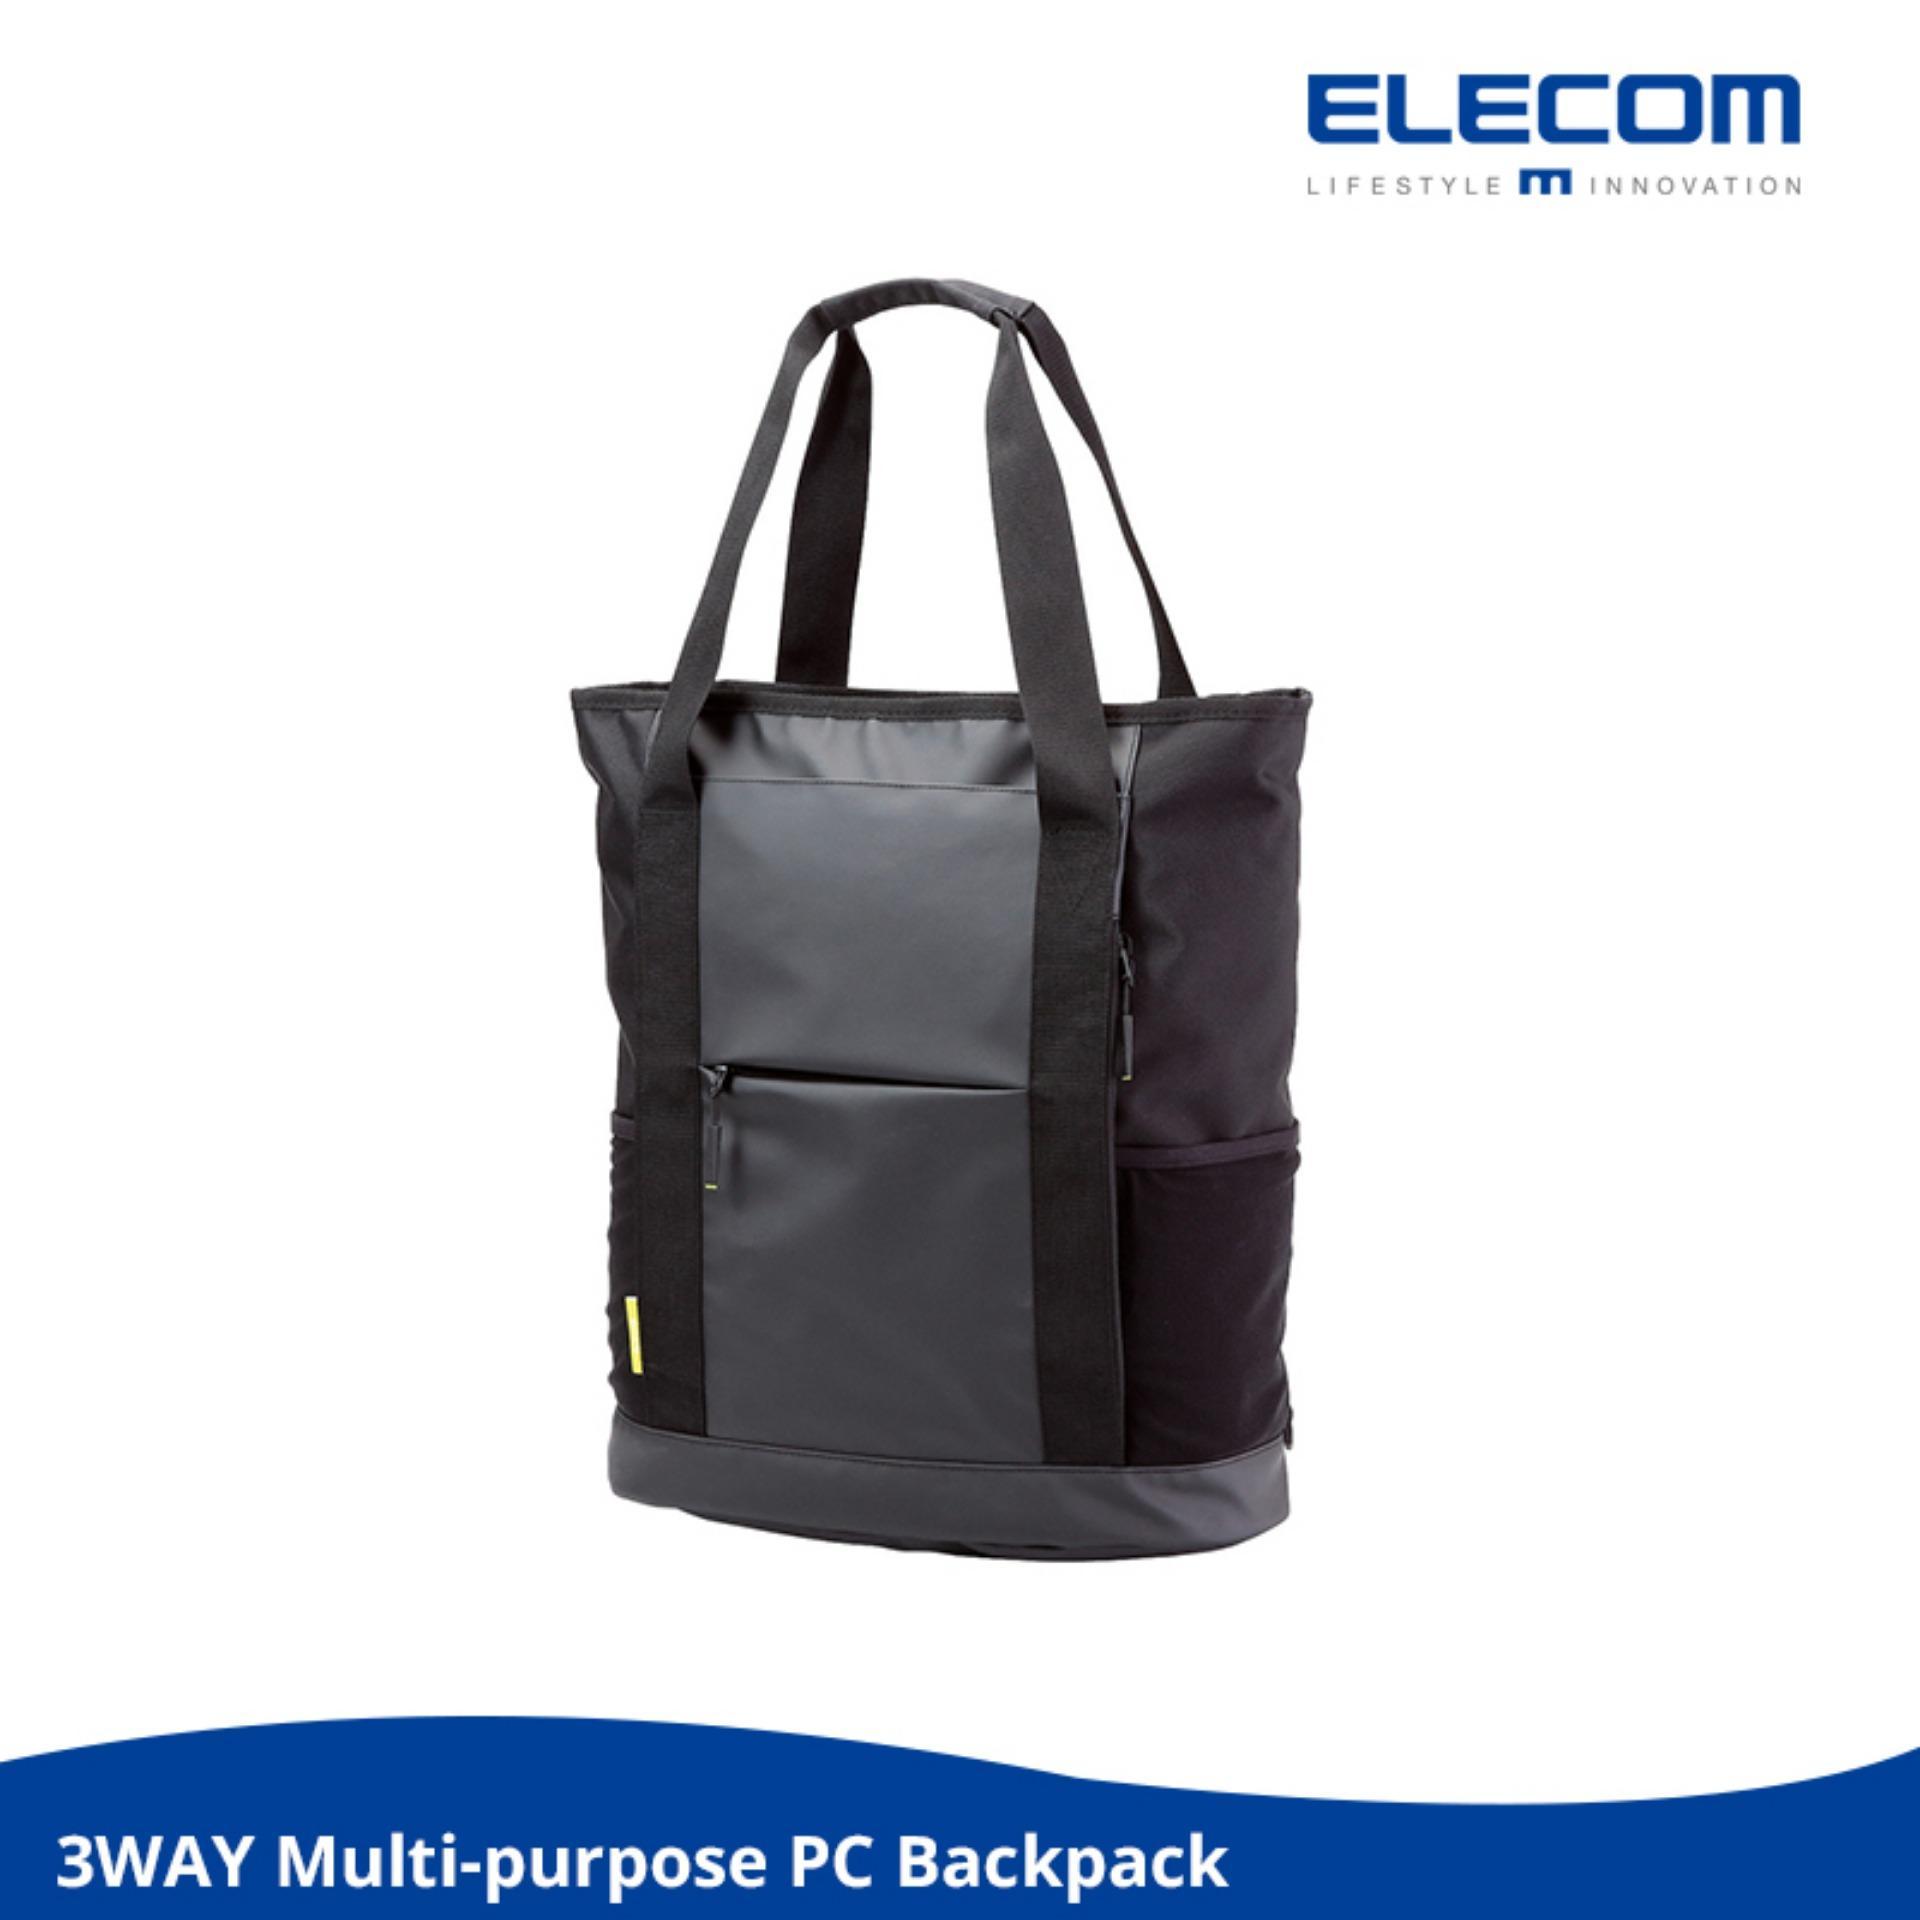 Elecom 3Way Tote Bag Pc Backpack Shoulder Bag Hand Carry Laptop Shop